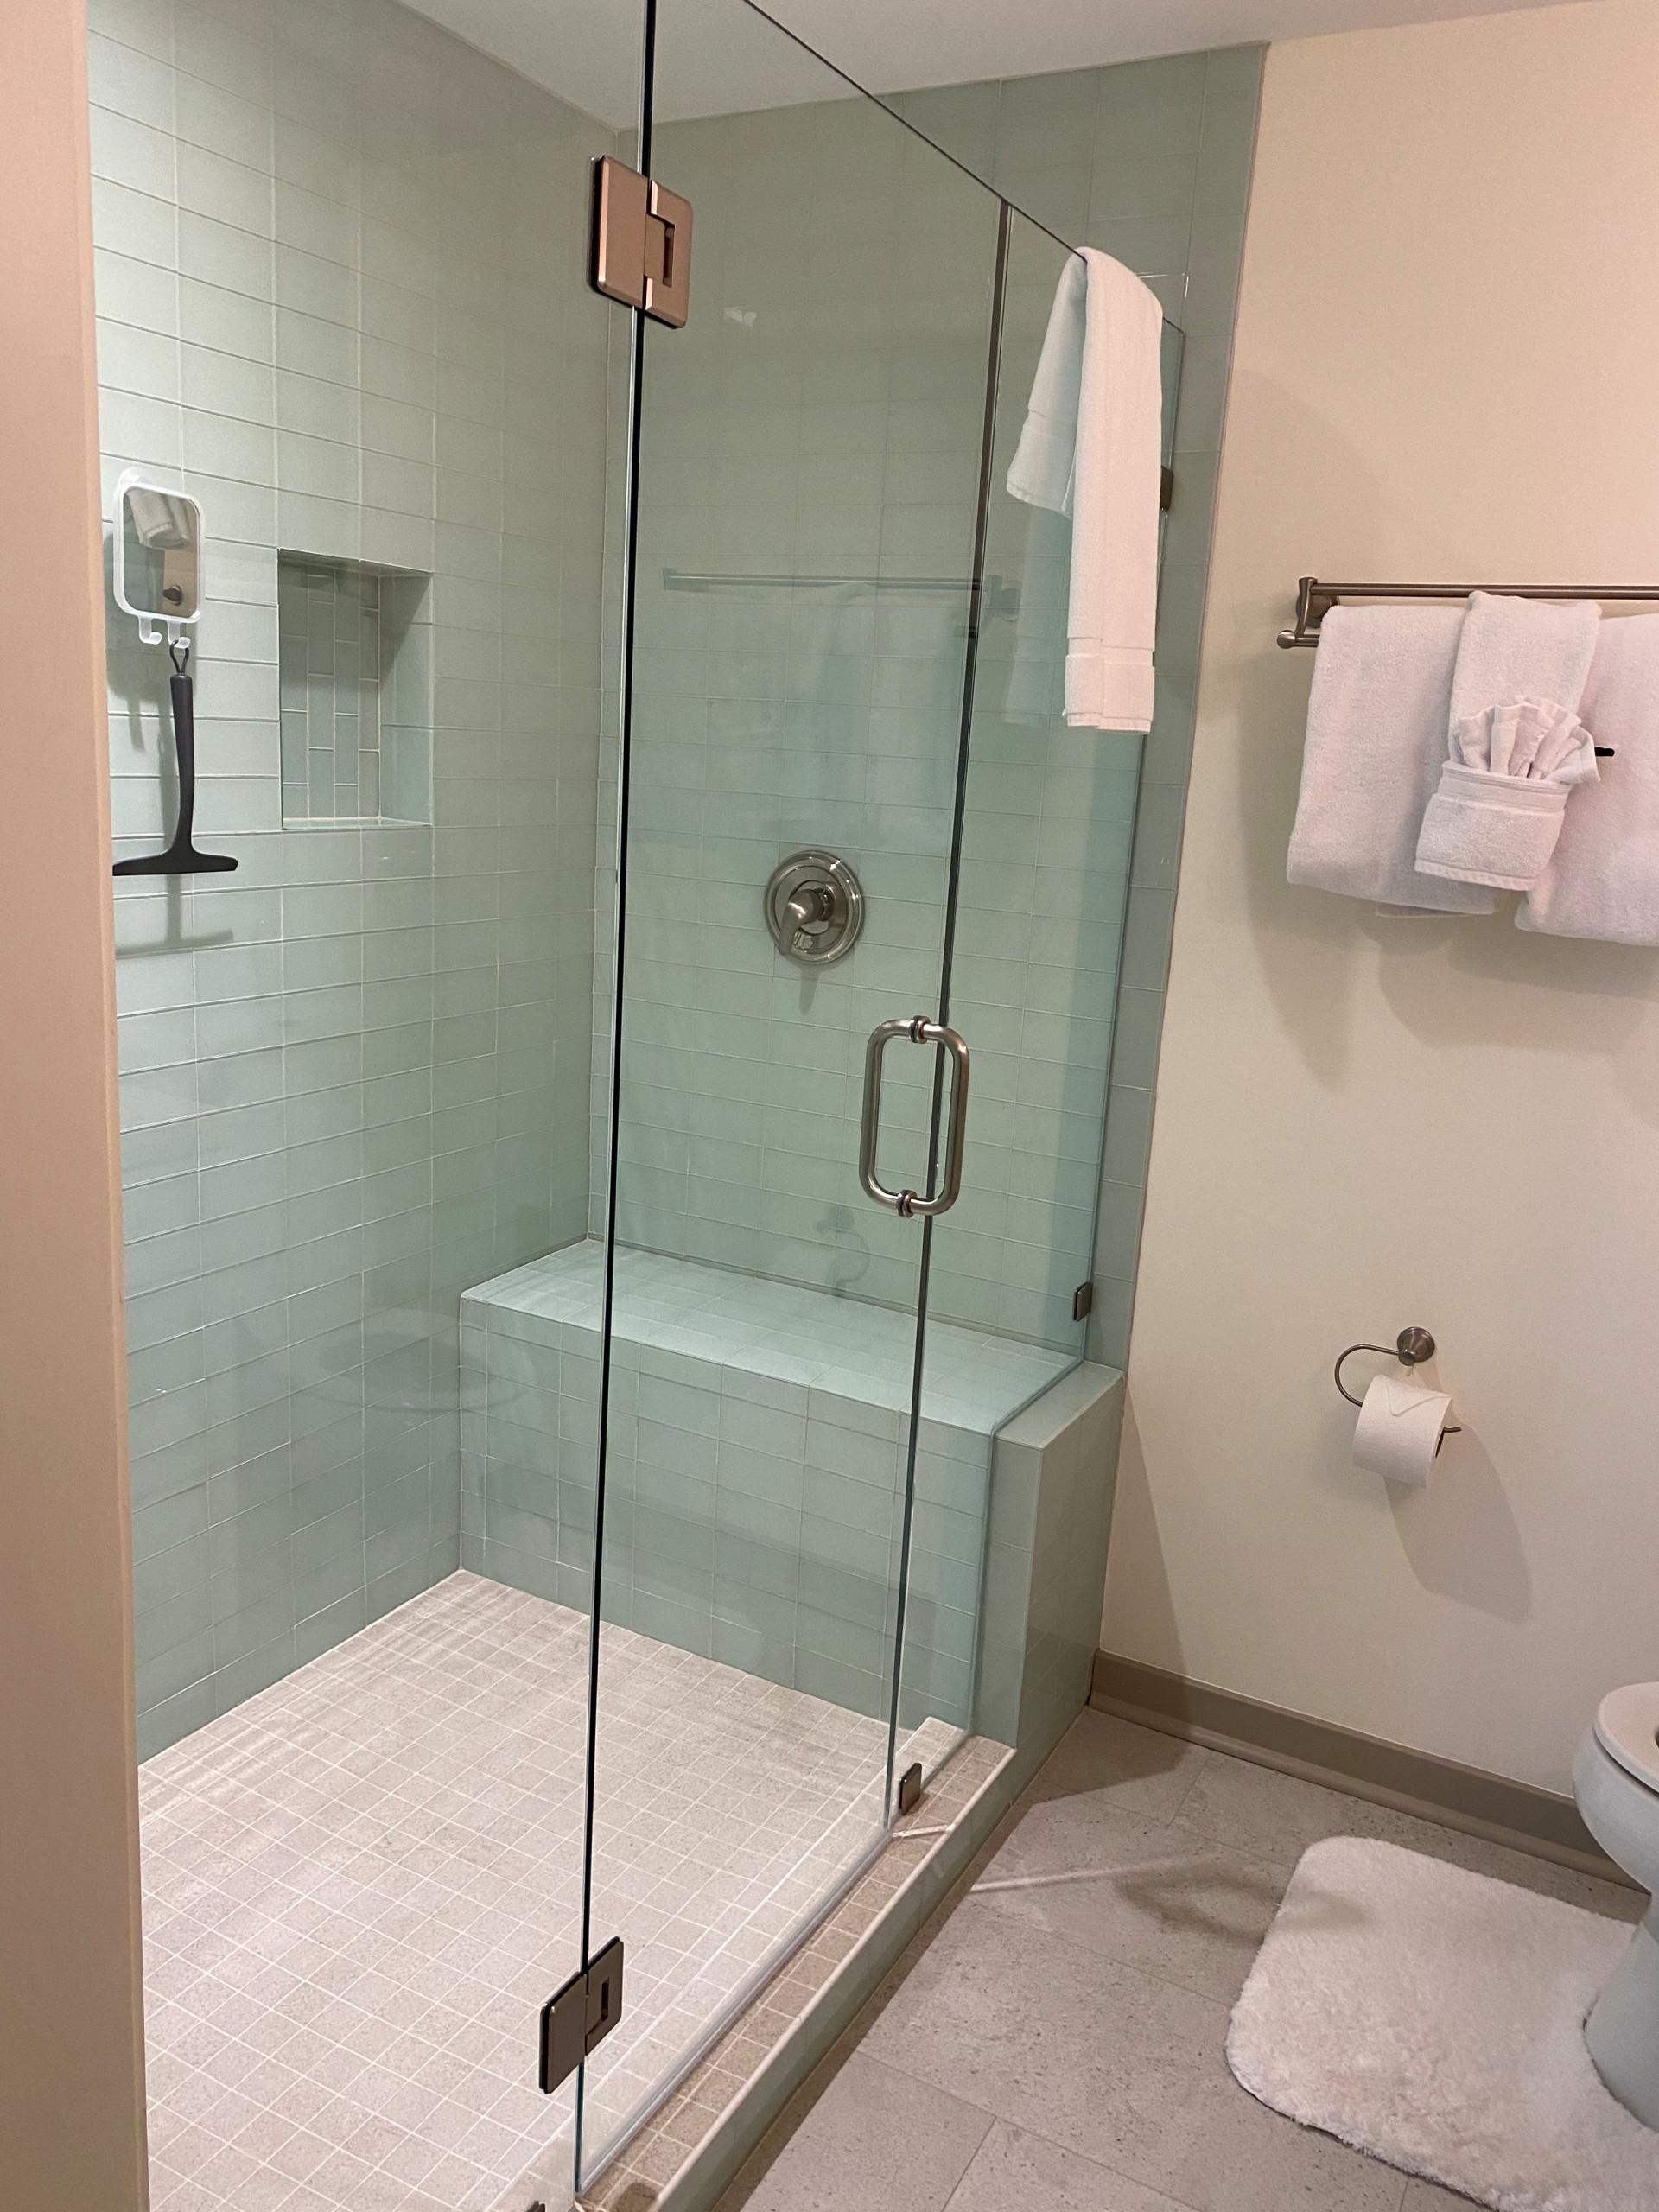 Barrington Arms Guest Bathroom After